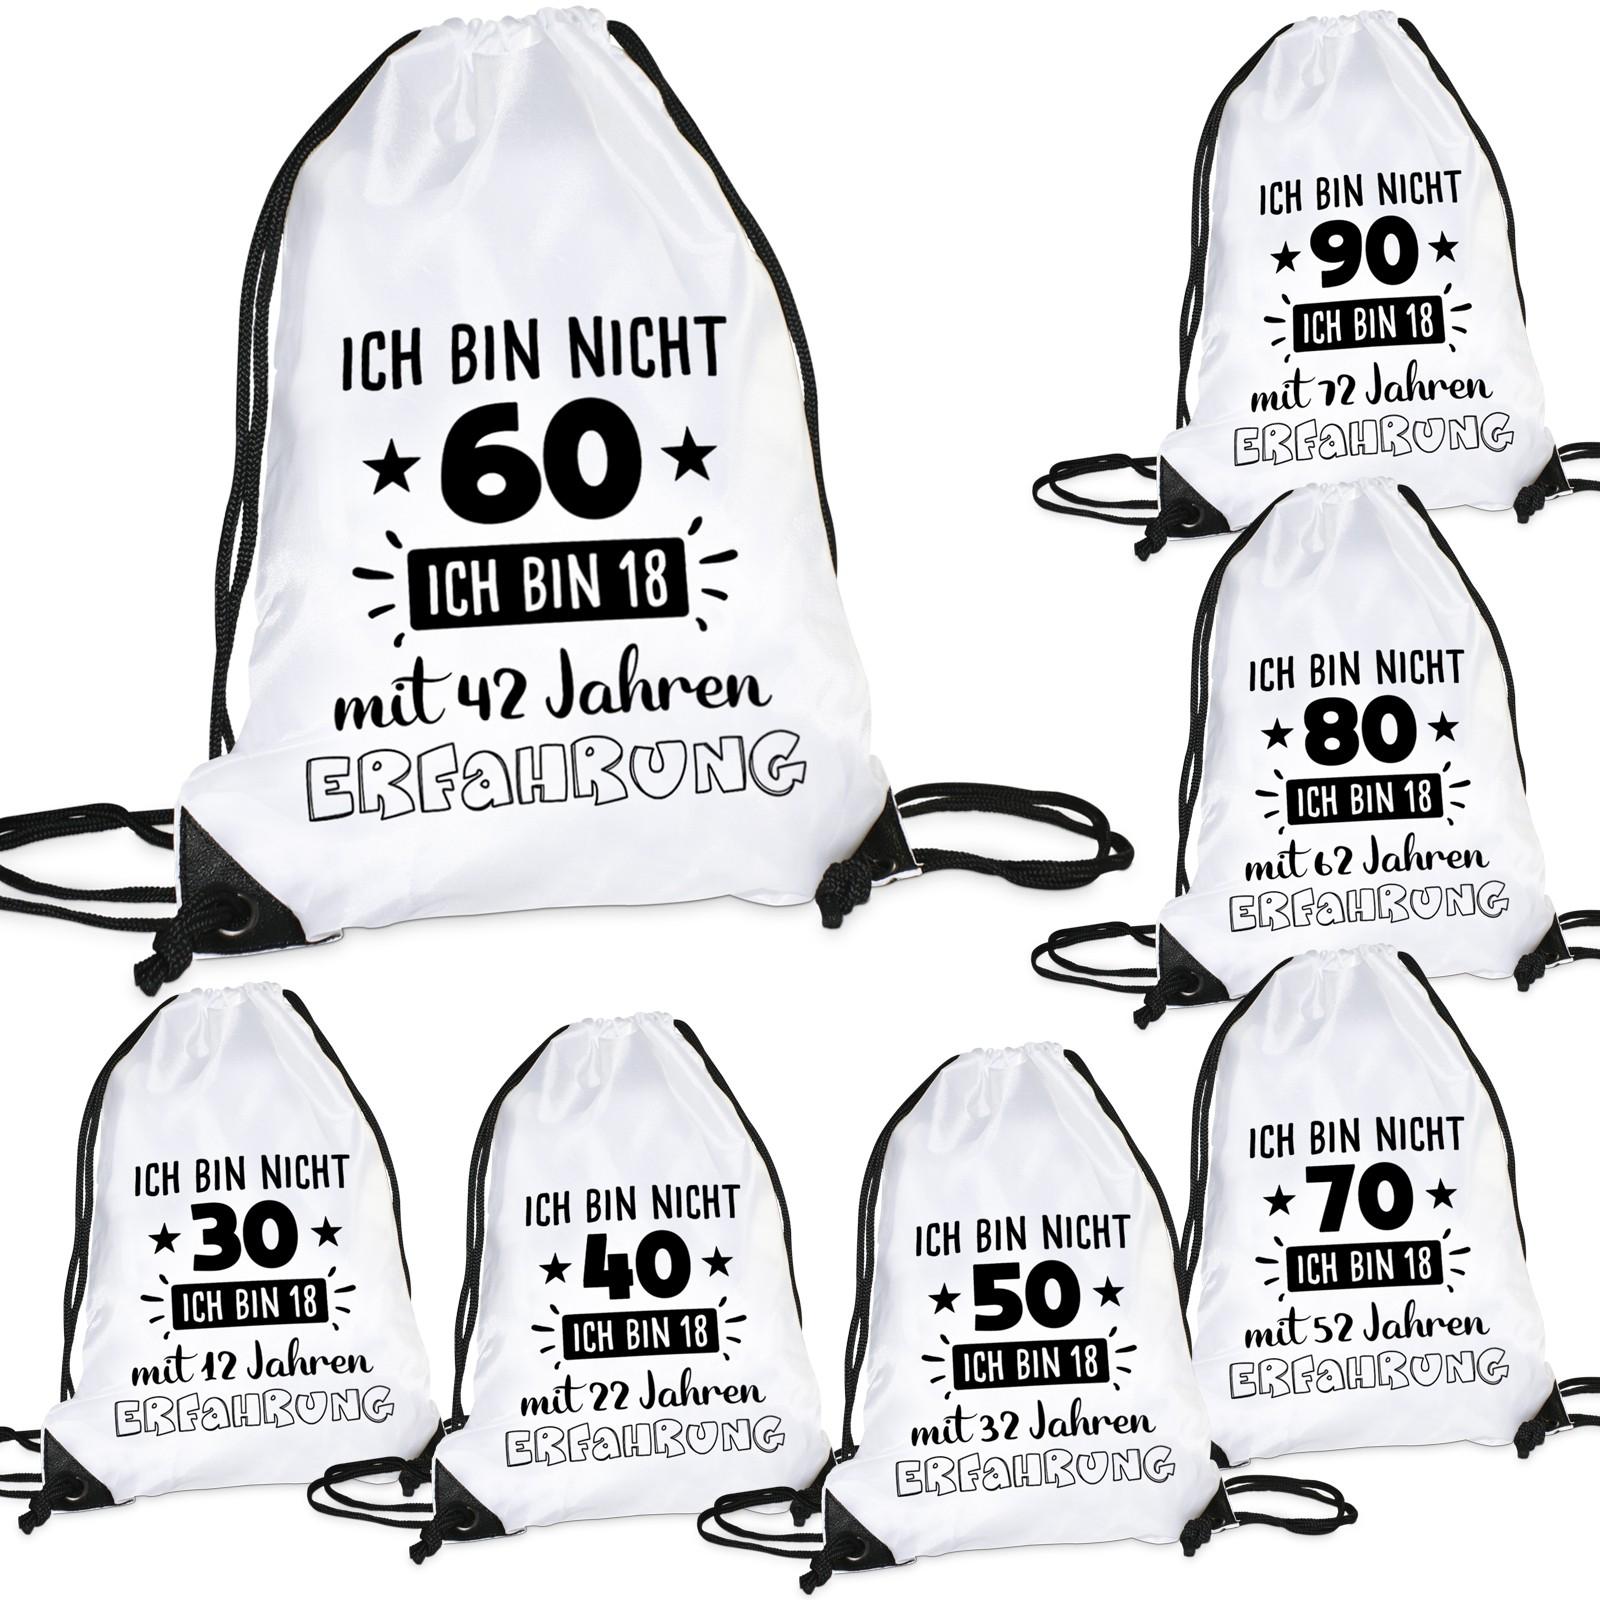 Turnbeutel: Ich bin nicht 30 / 40 / 50 / 60 / 70 / 80 / 90